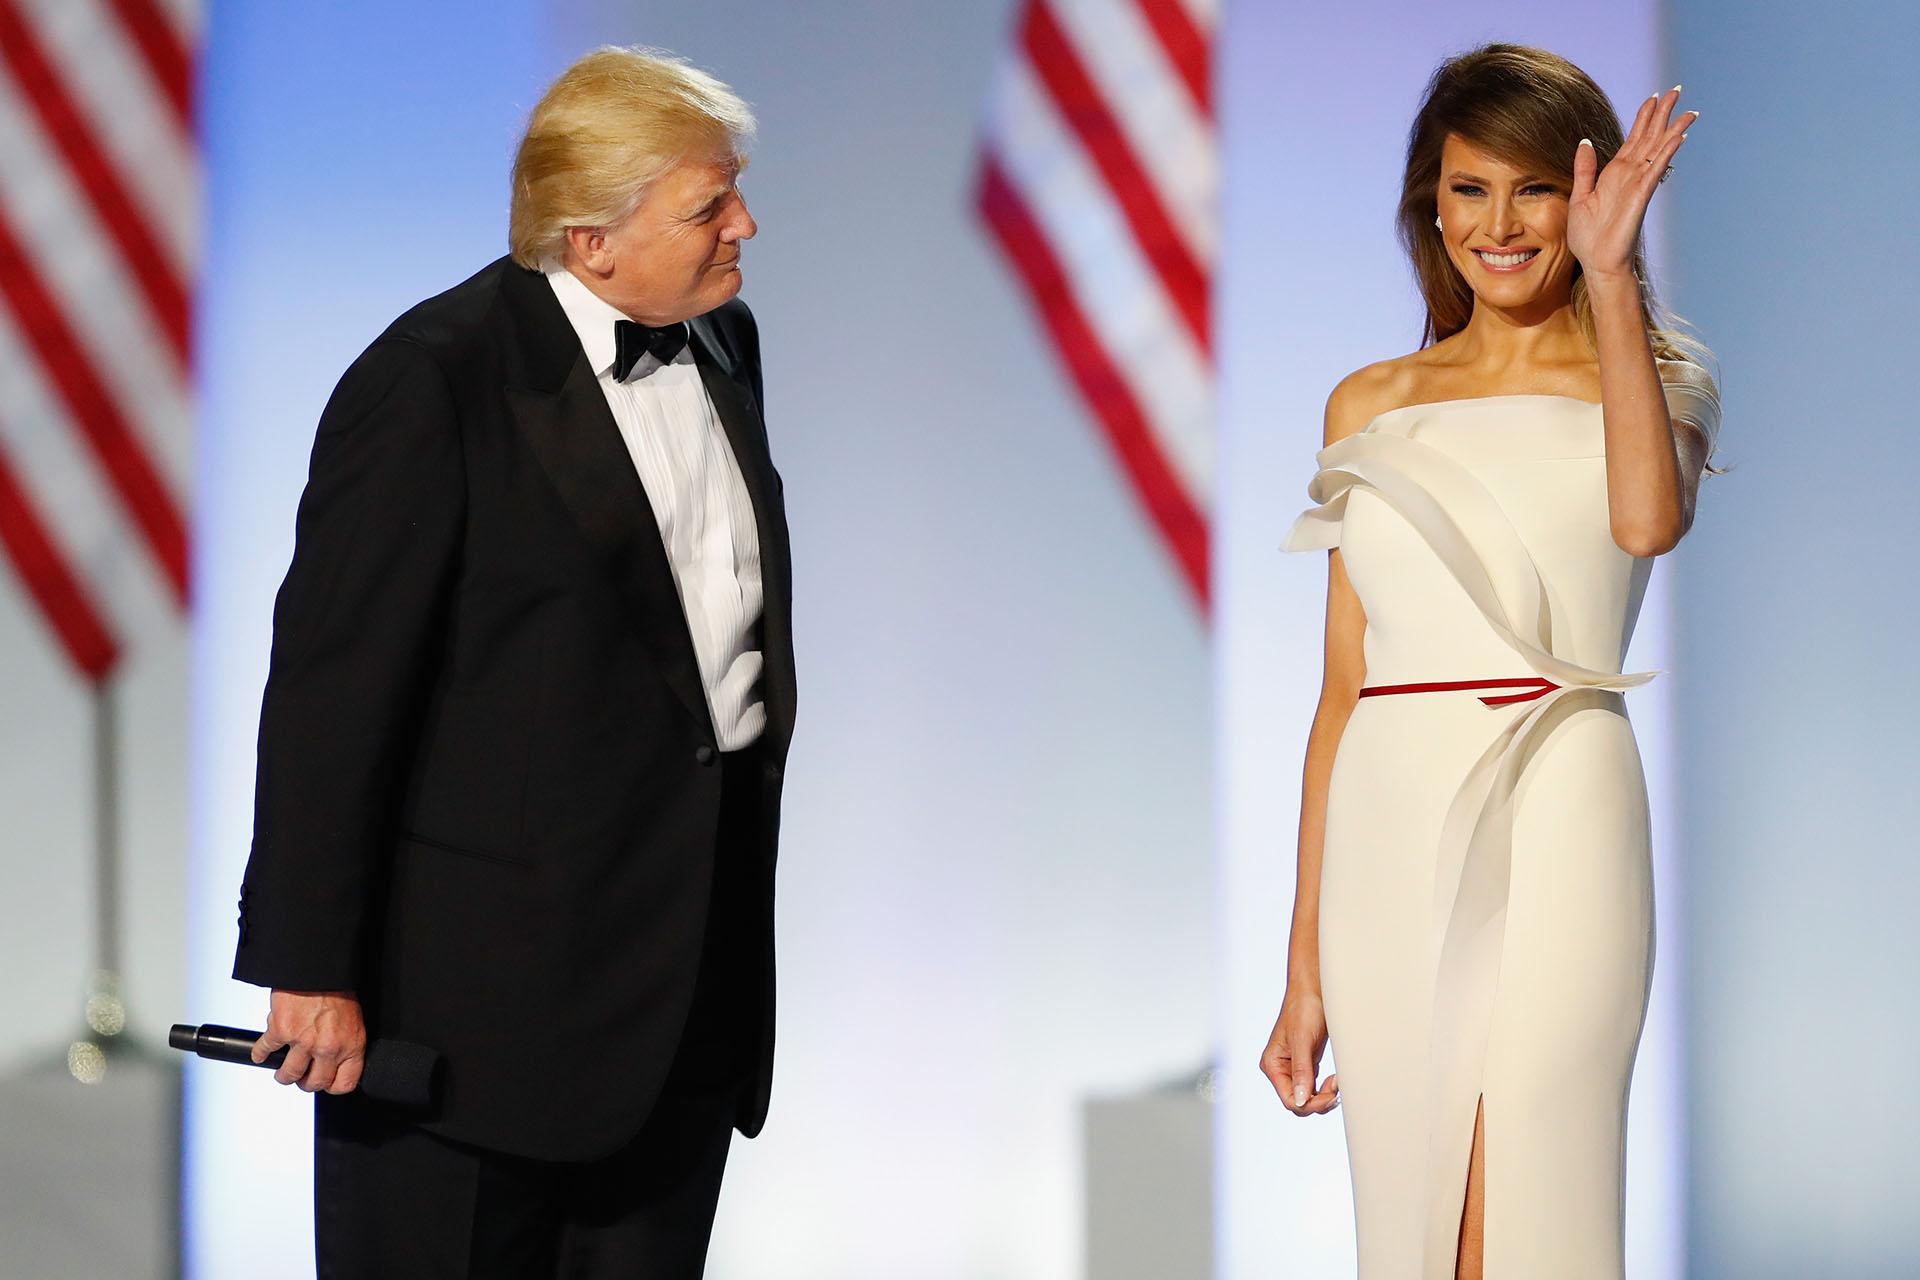 Para el baile presidencial, parte de la ceremonia de investidura, impactó con un vestido de escote off shoulders en tono off white de la firmaHervé Pierre. Llevó el cabello suelto hacia el costado y un maquillaje de sombras oscuras con labios nude